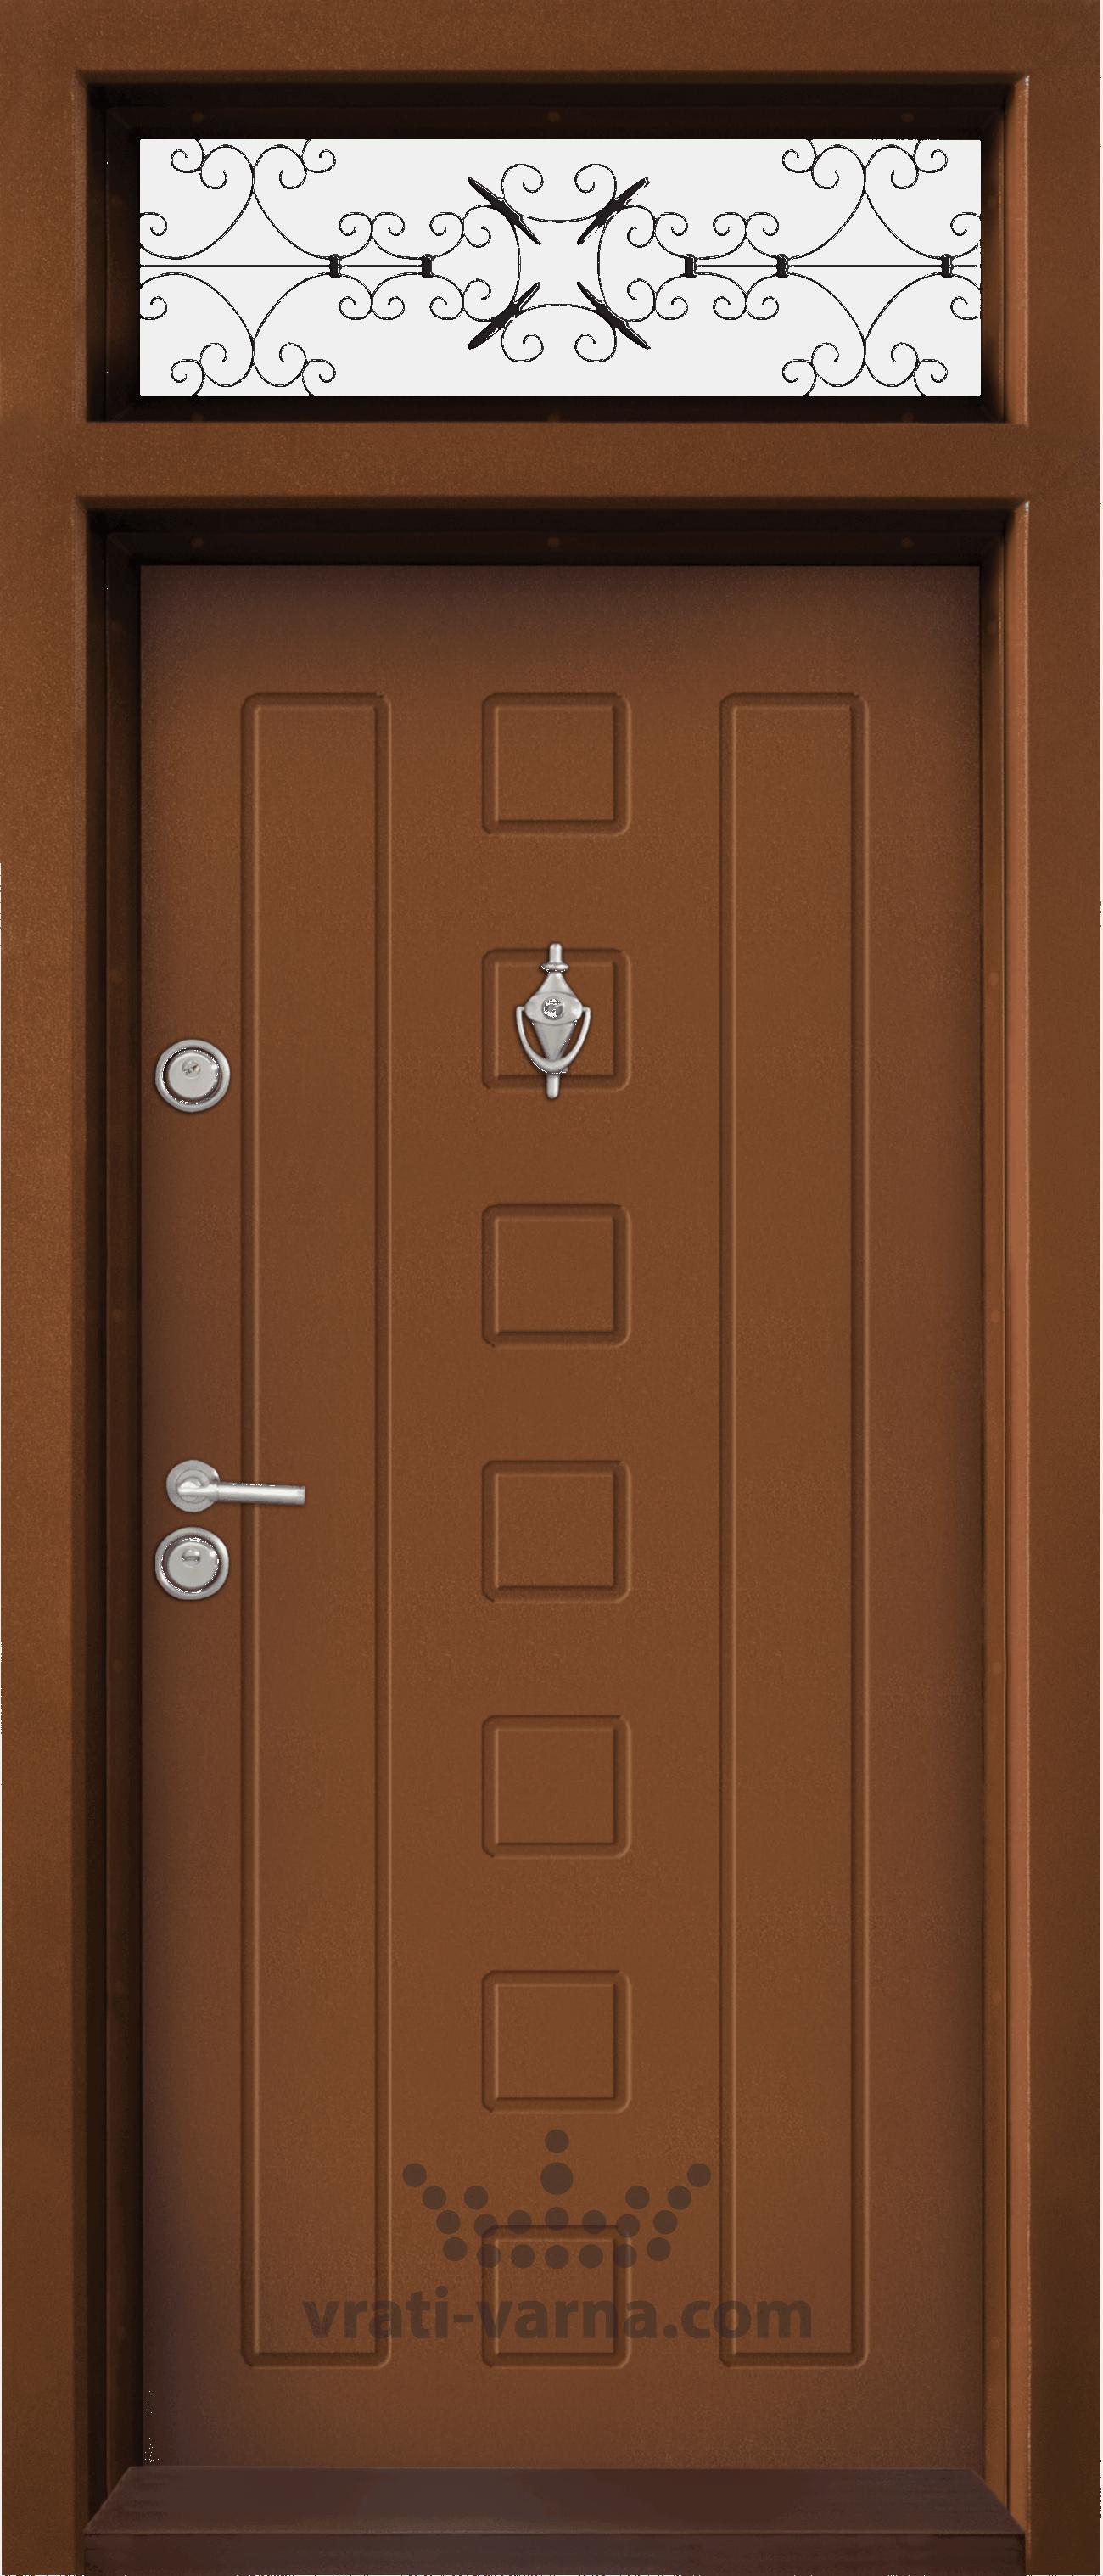 Ednokrila vhodna vrata T 712 tsvyat Zlaten dab